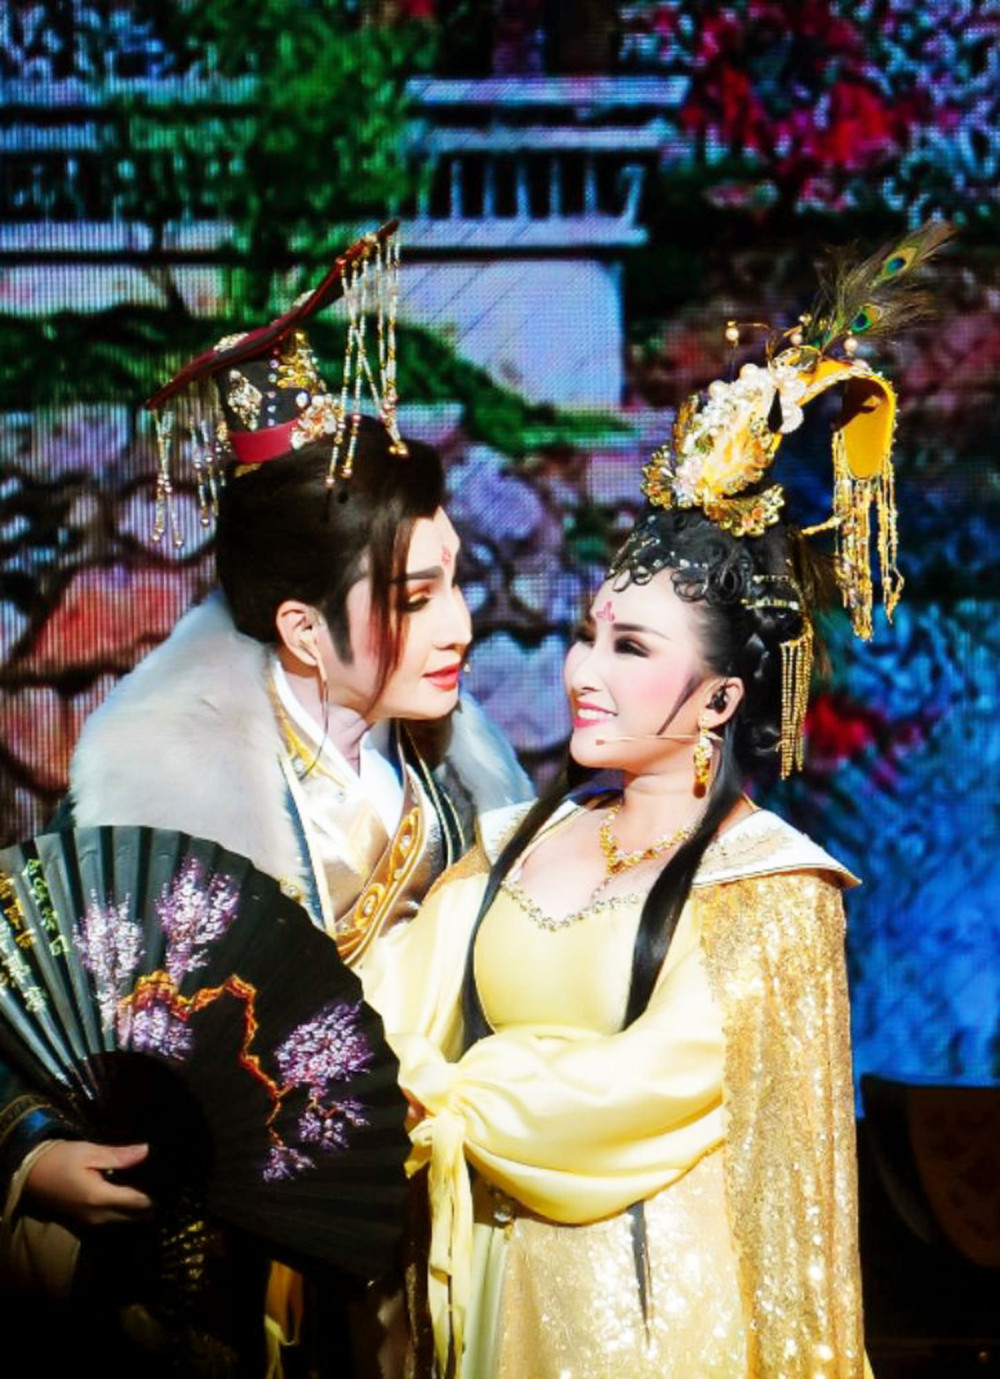 NSƯT Vũ Luân và bạn diễn trẻ Khánh Tâm trong vở cải lương Tống Nhân Tôn hoàng đế  - lấy cảm hứng từ kịch bản Xử án Bàng Quý Phi nổi tiếng trước đây